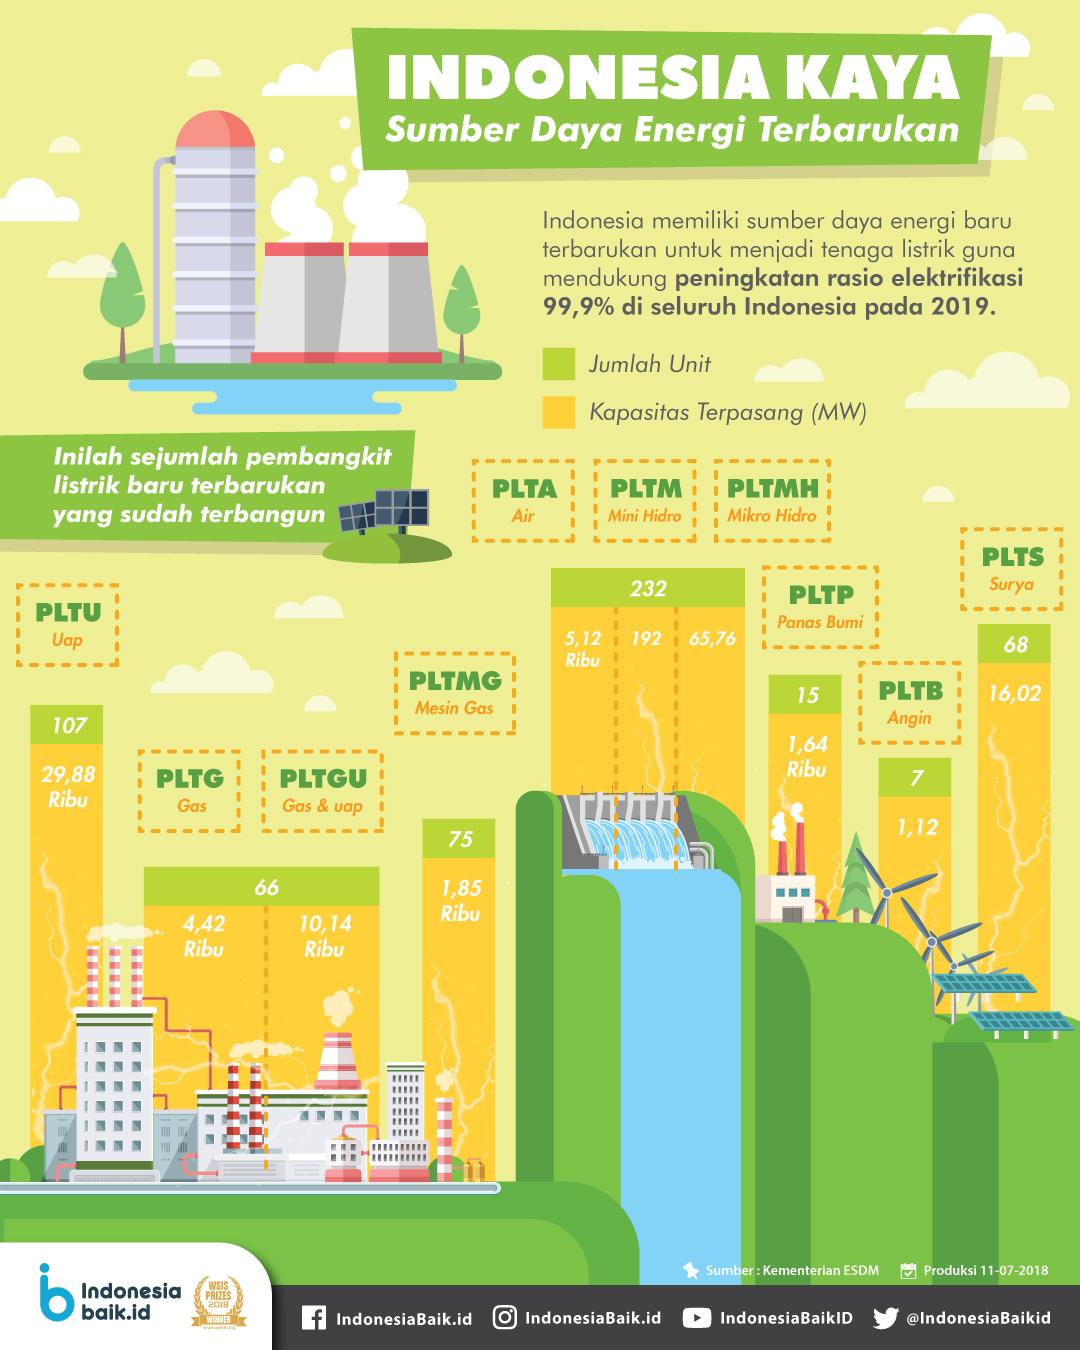 Indonesia Kaya Sumber Daya Energi Terbarukan